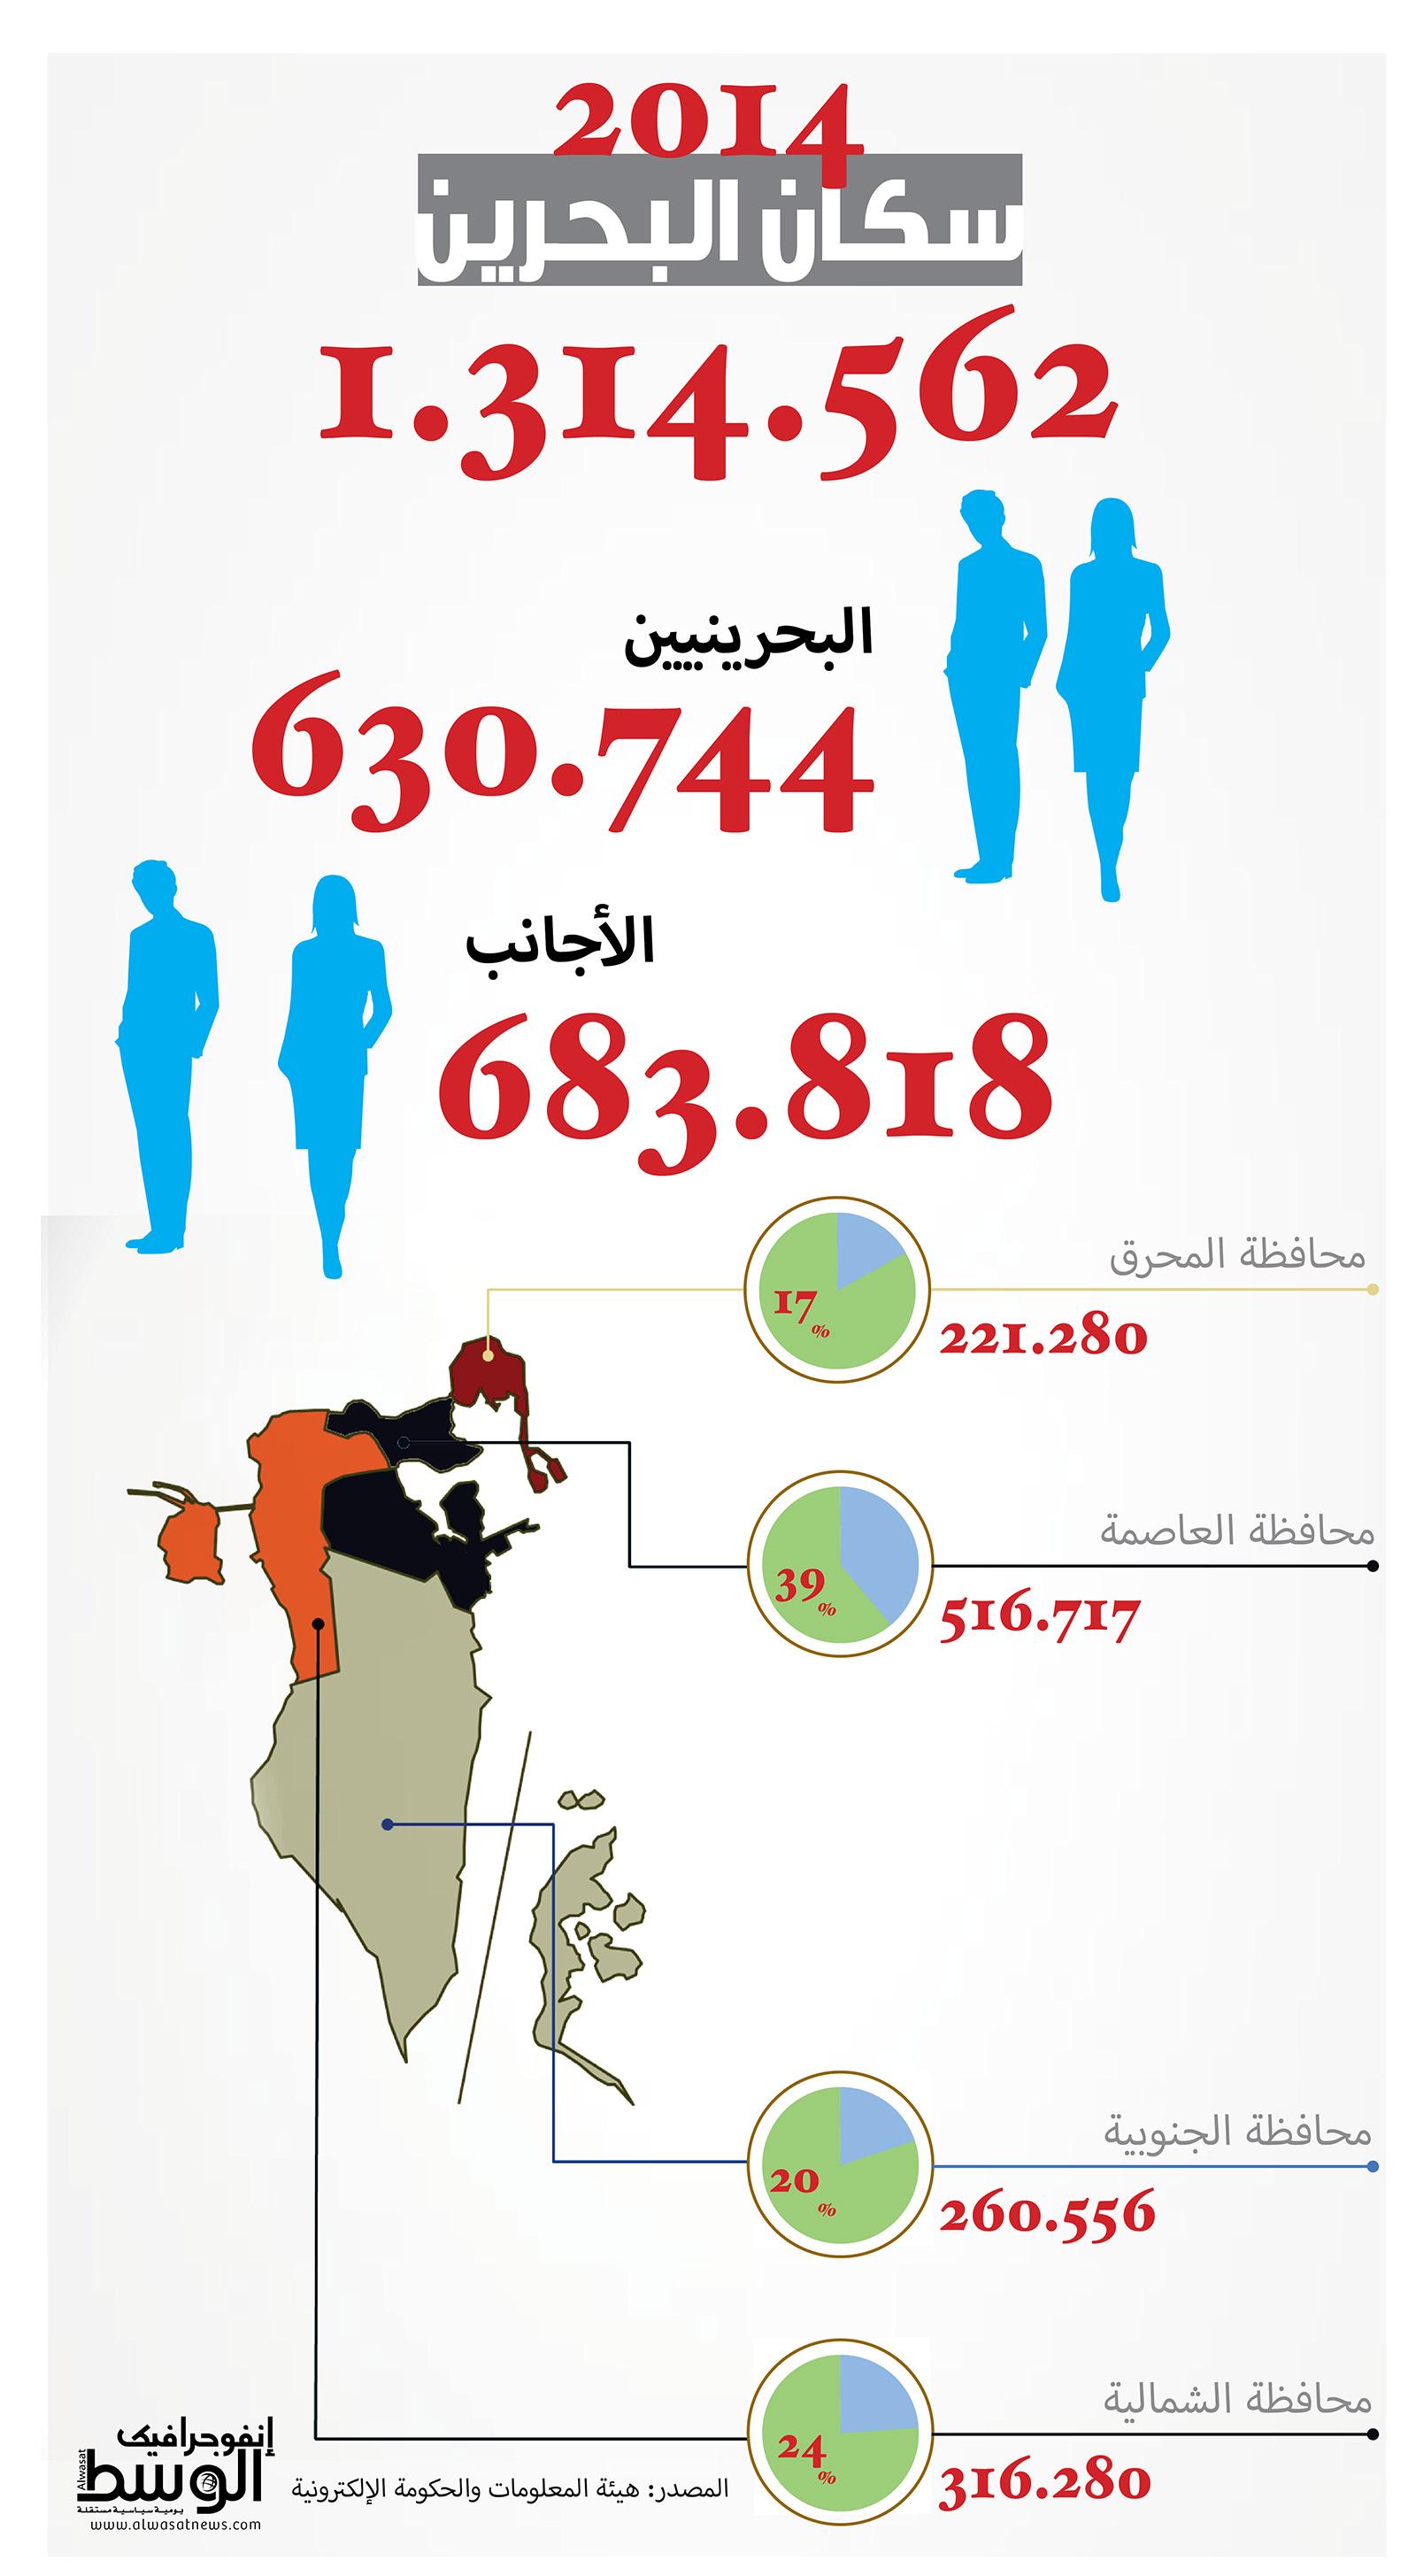 لإضافتها محرك الطريق عدد السكان في البحرين 2017 Dsvdedommel Com